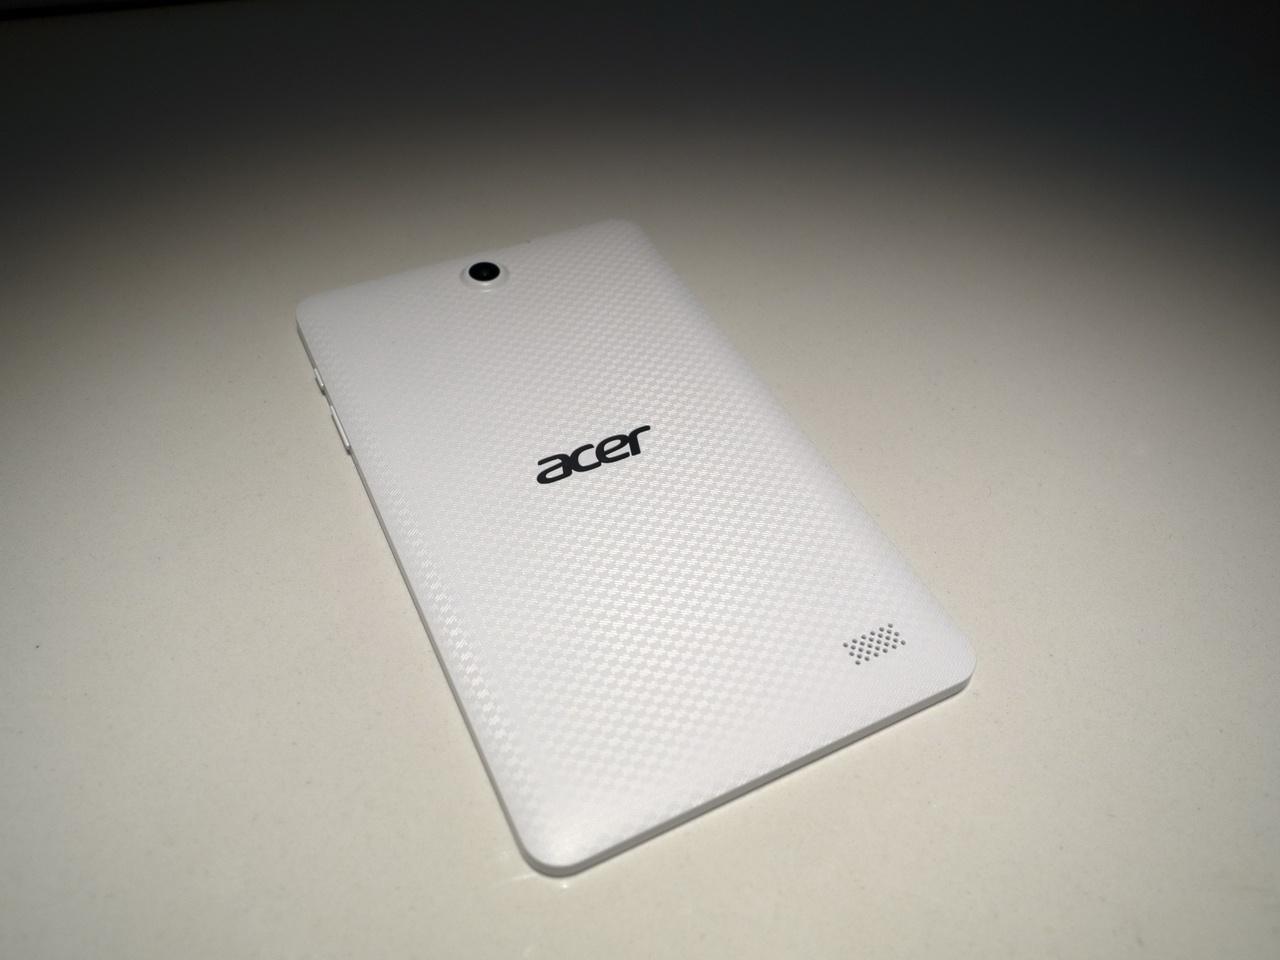 Acer на CES 2016: мониторы, планшеты, игровые ноутбуки и ультрамобильный трансформер - 11